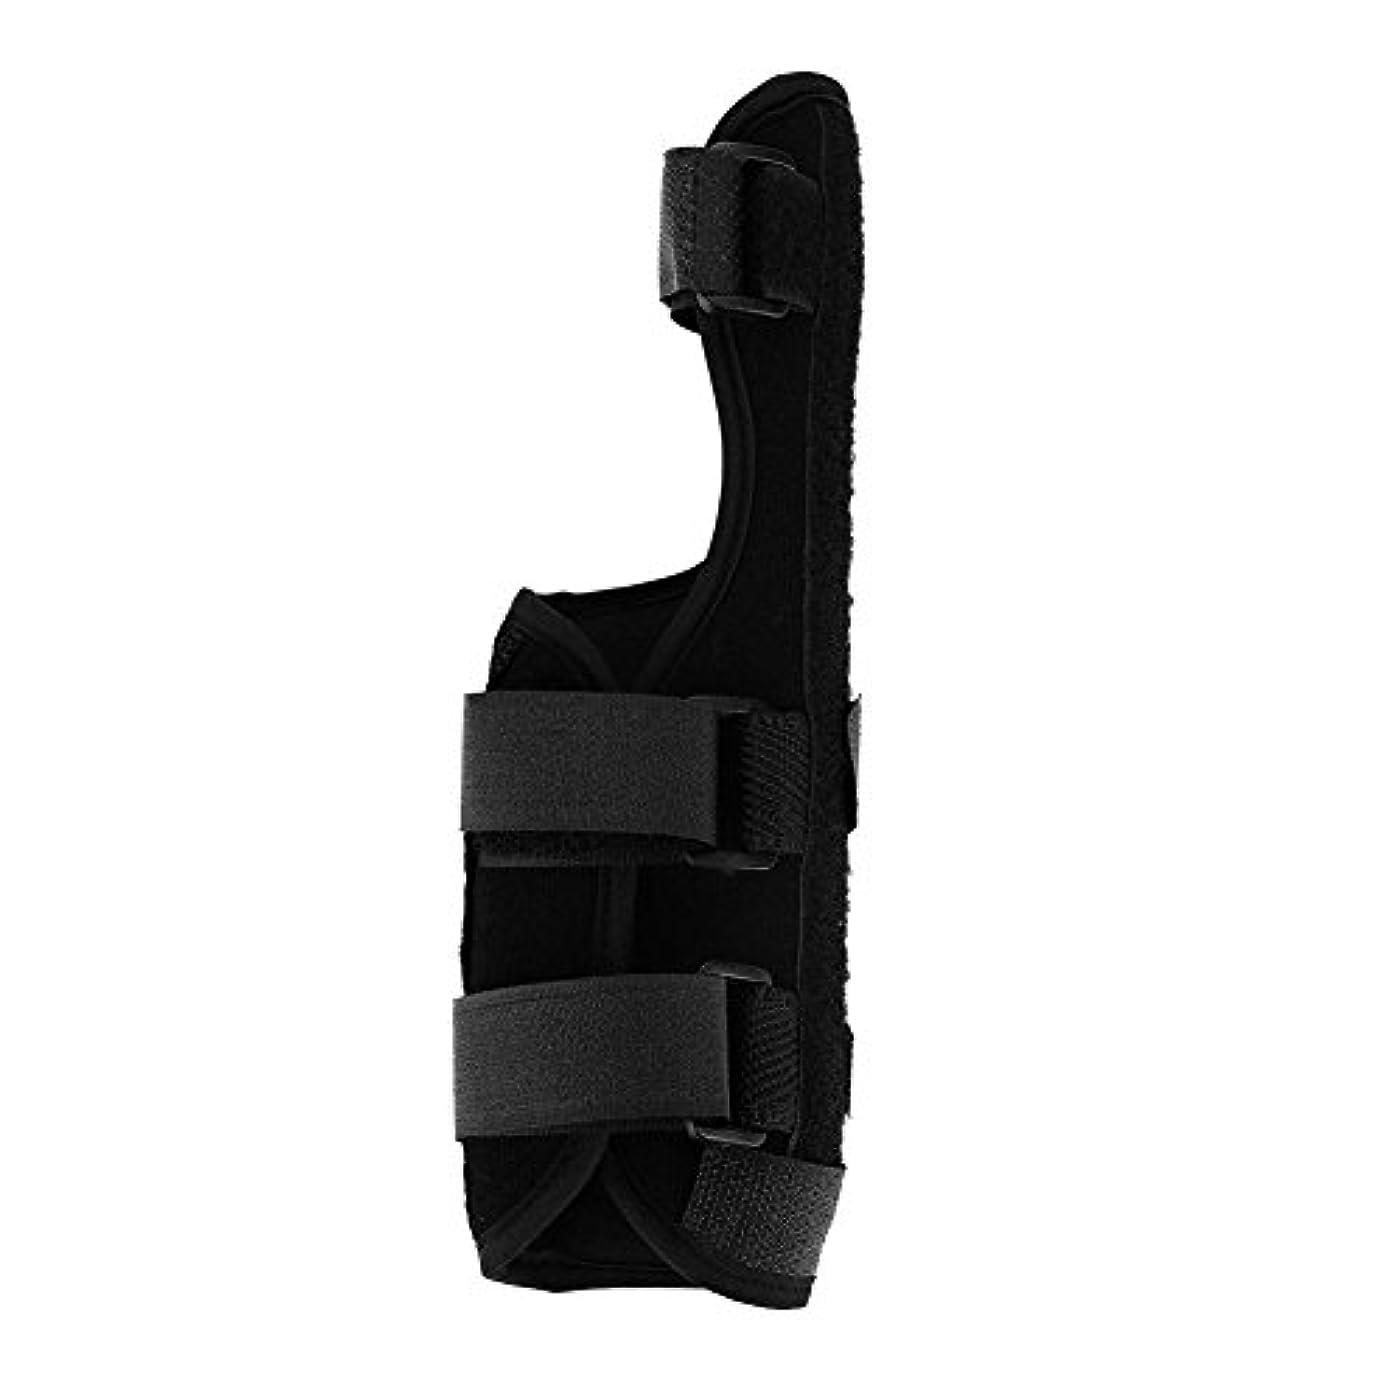 狂人見積りポンペイ高度な手首ブレース - 手根管手首副子。手根管症候群、手首の痛み、捻挫、RSI、関節炎の即時鎮痛に最適(A la derechaM)